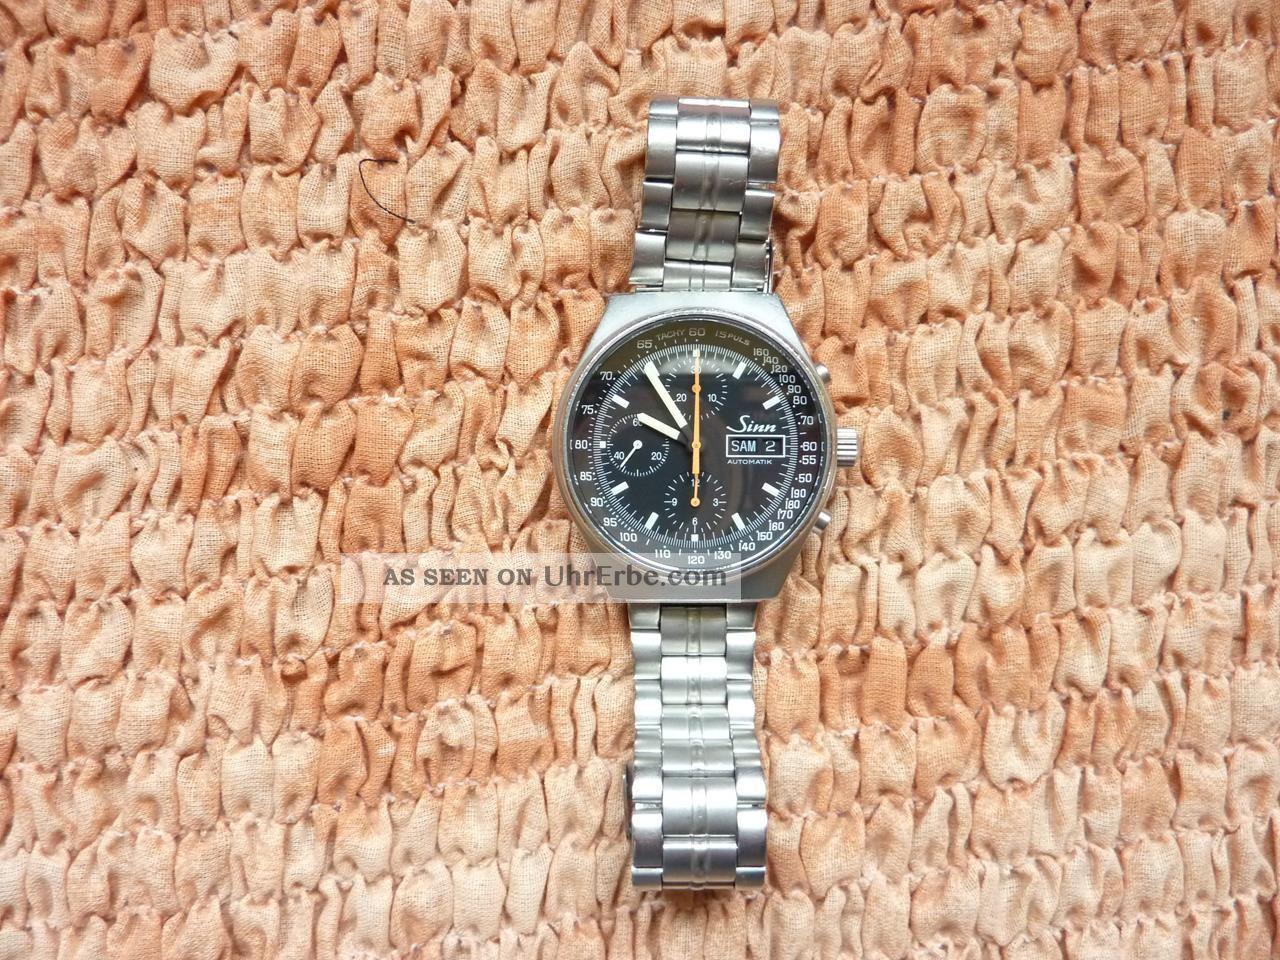 Sinn 144st Chronograph Automatik Armbanduhren Bild